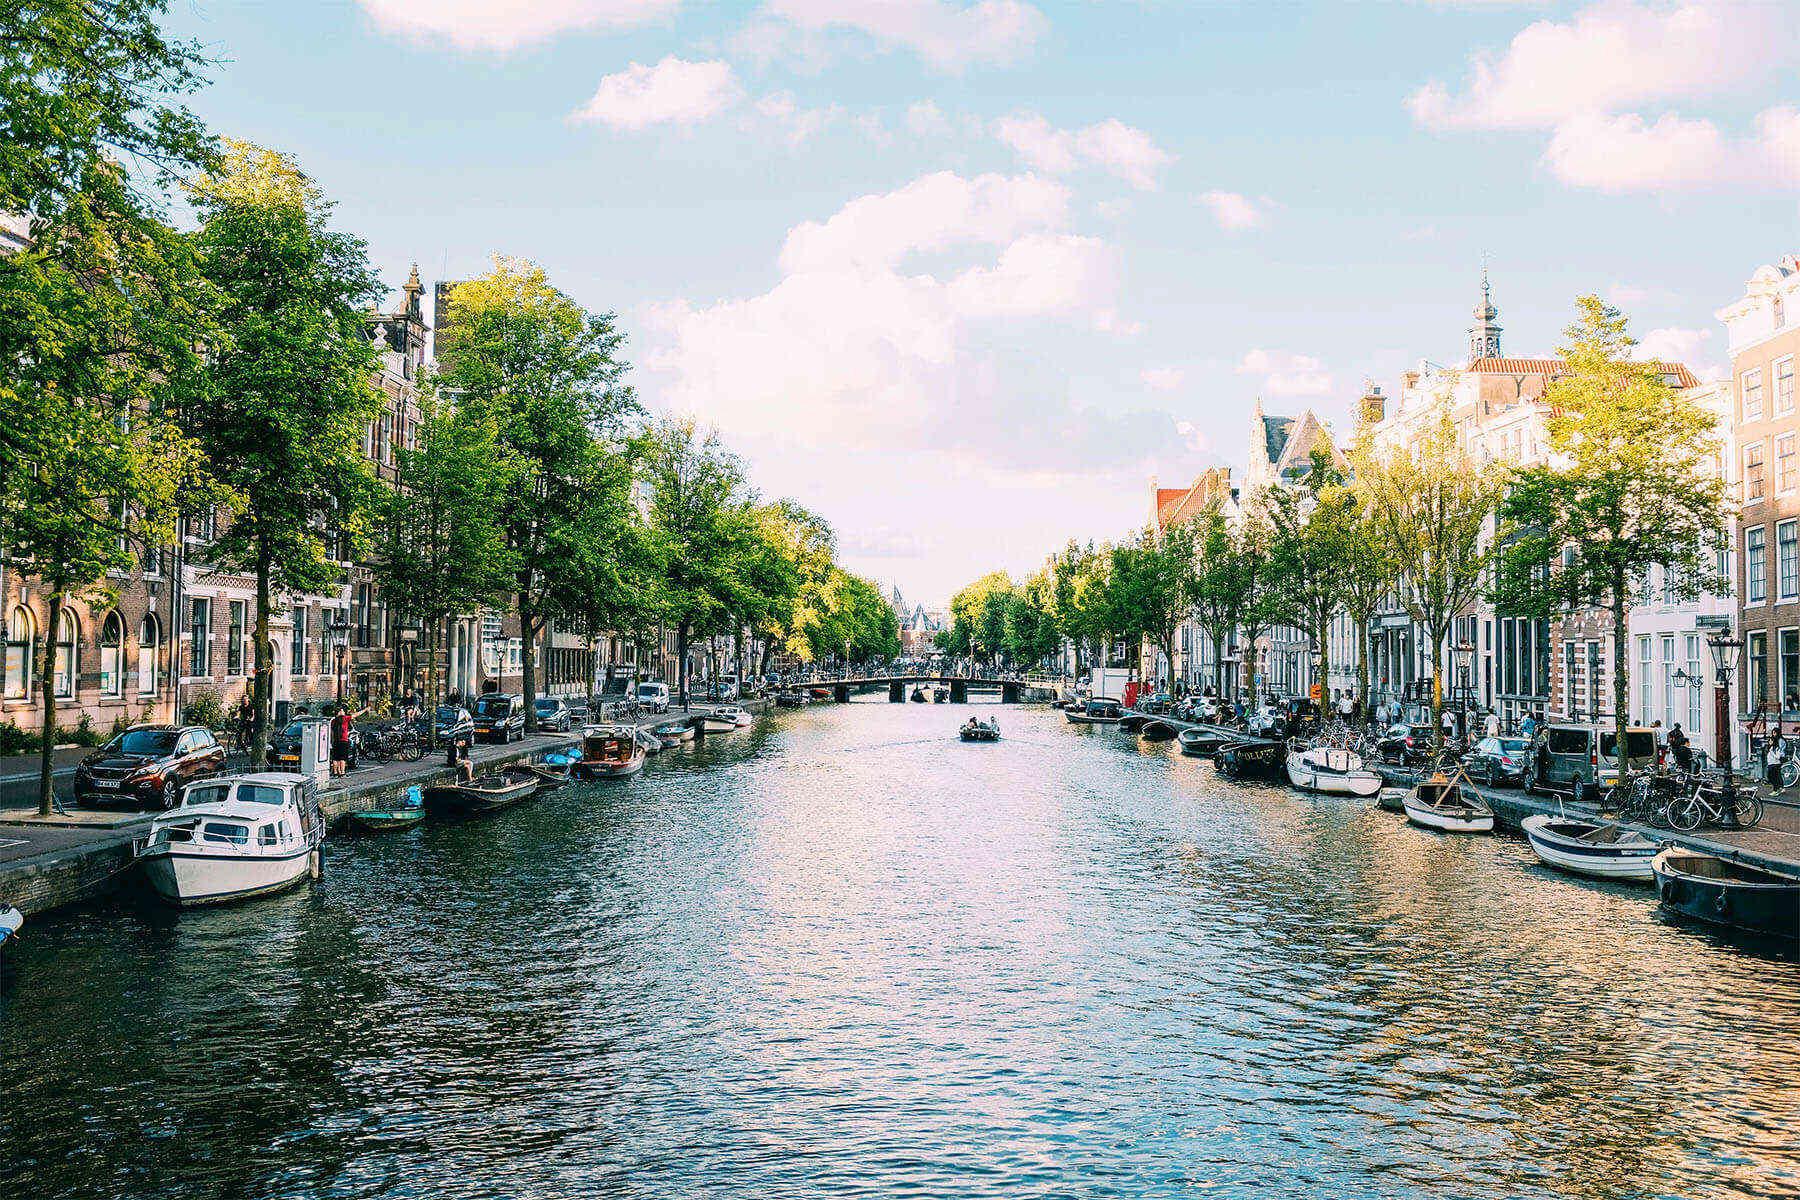 تور هلند -فرانسه – اسپانیا 13 روزه تابستان 98